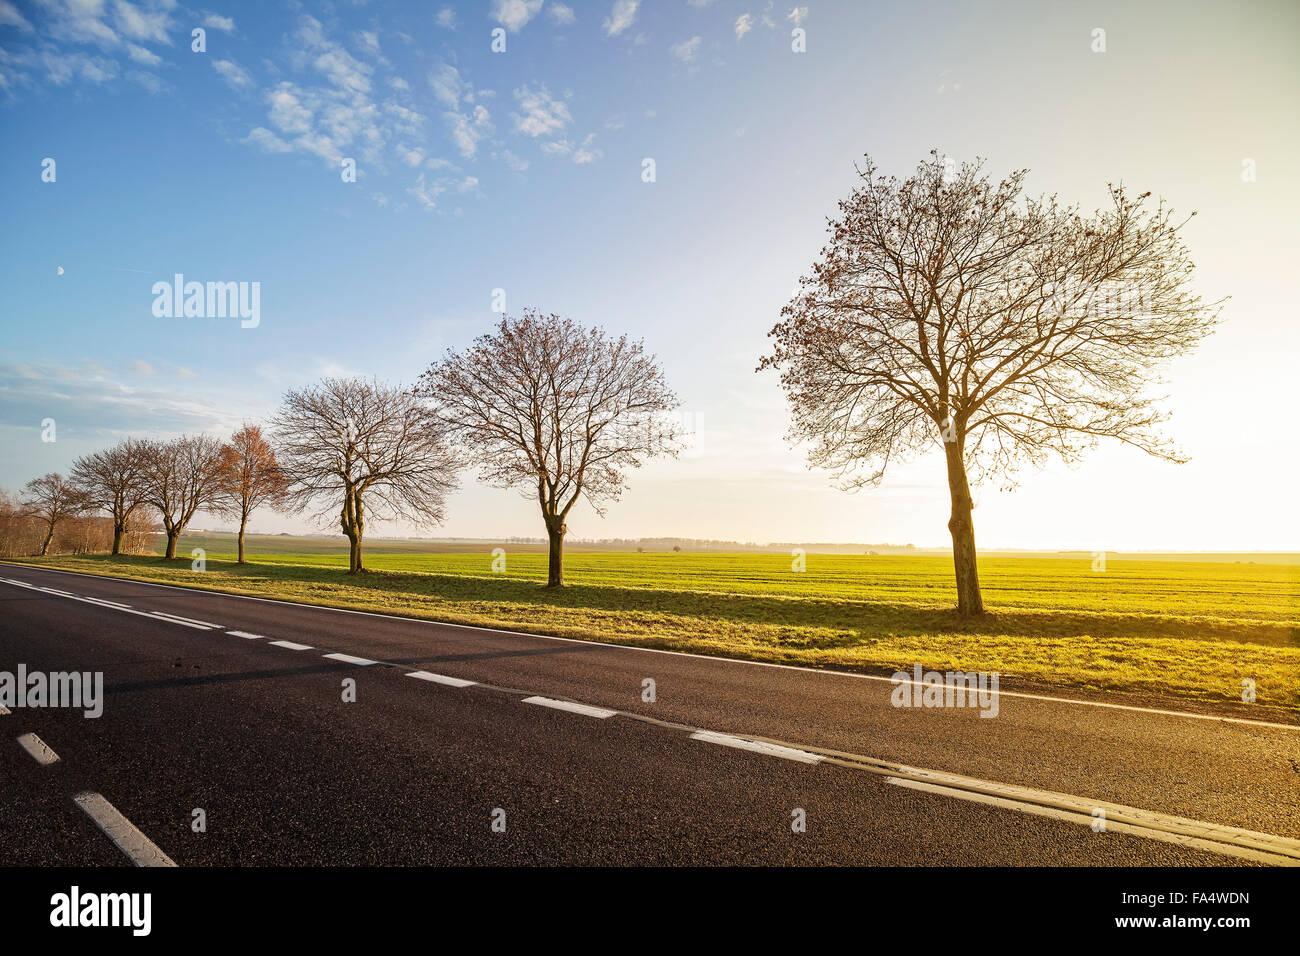 Carretera rural vacía con deshojado los árboles al atardecer. Imagen De Stock